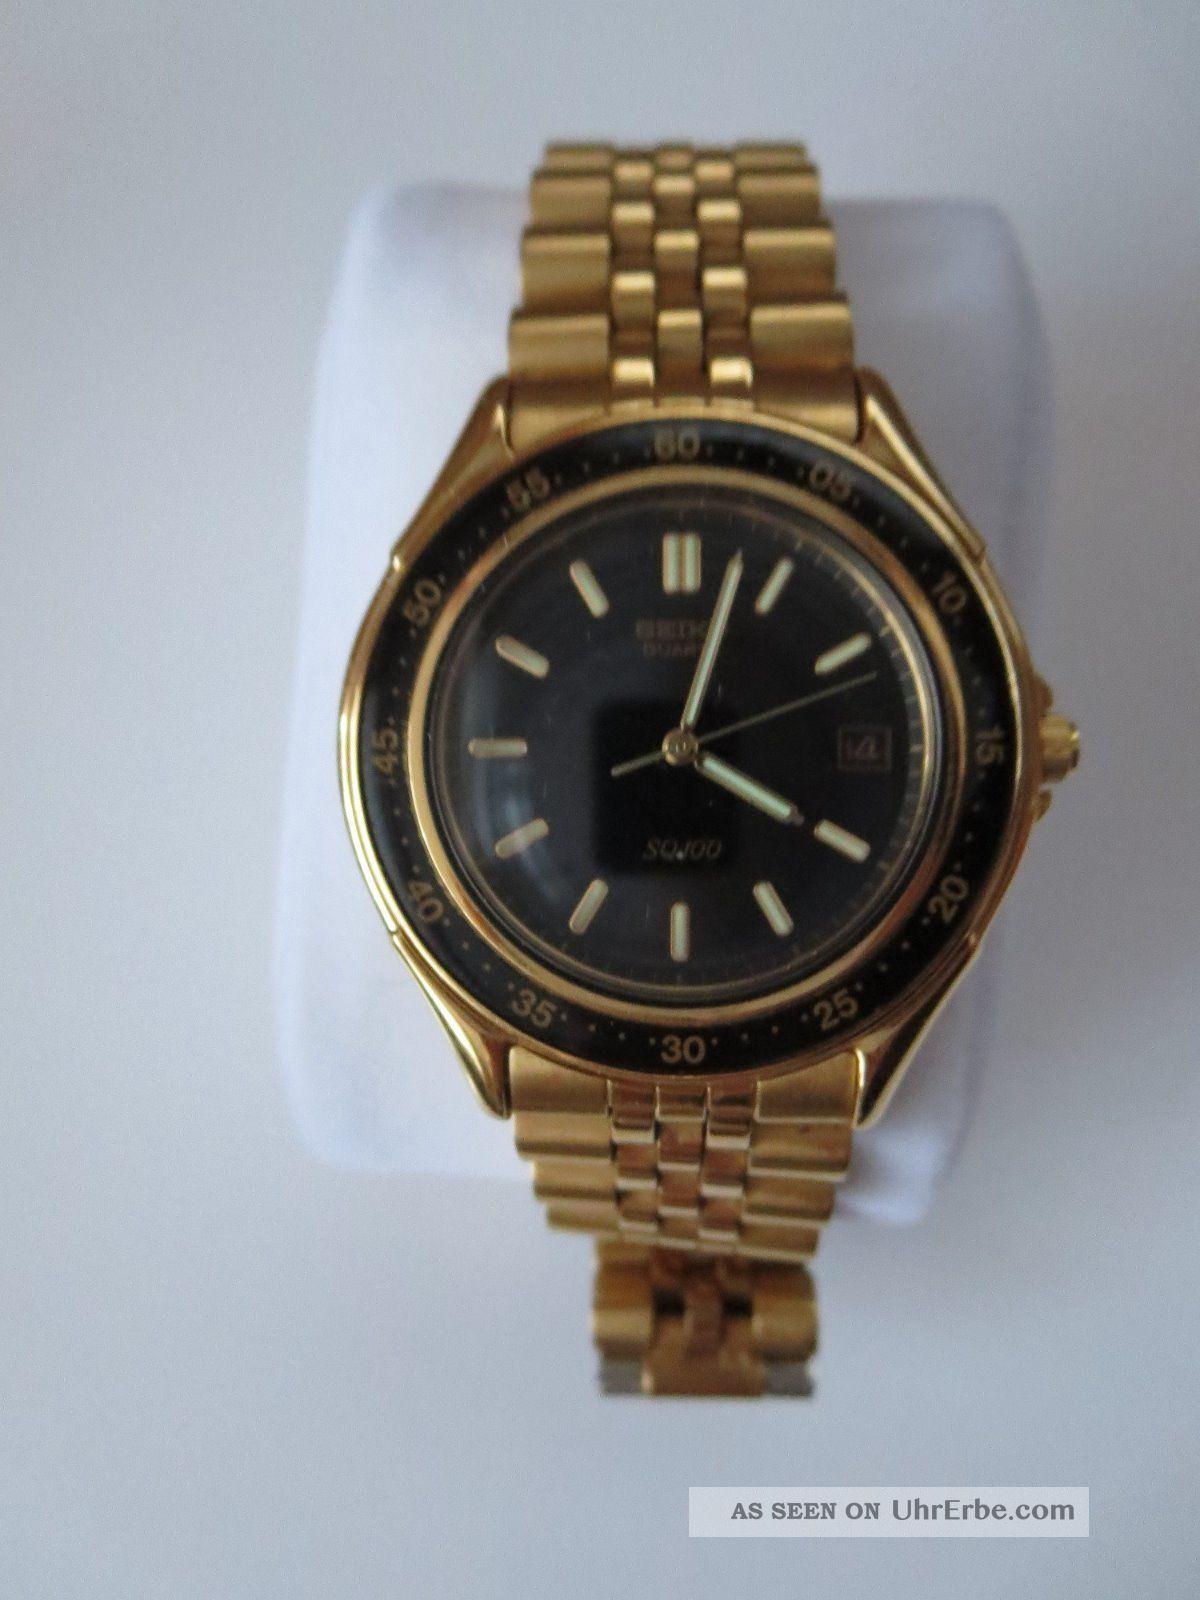 Seiko Quartzuhr Sq100 Armbanduhren Bild